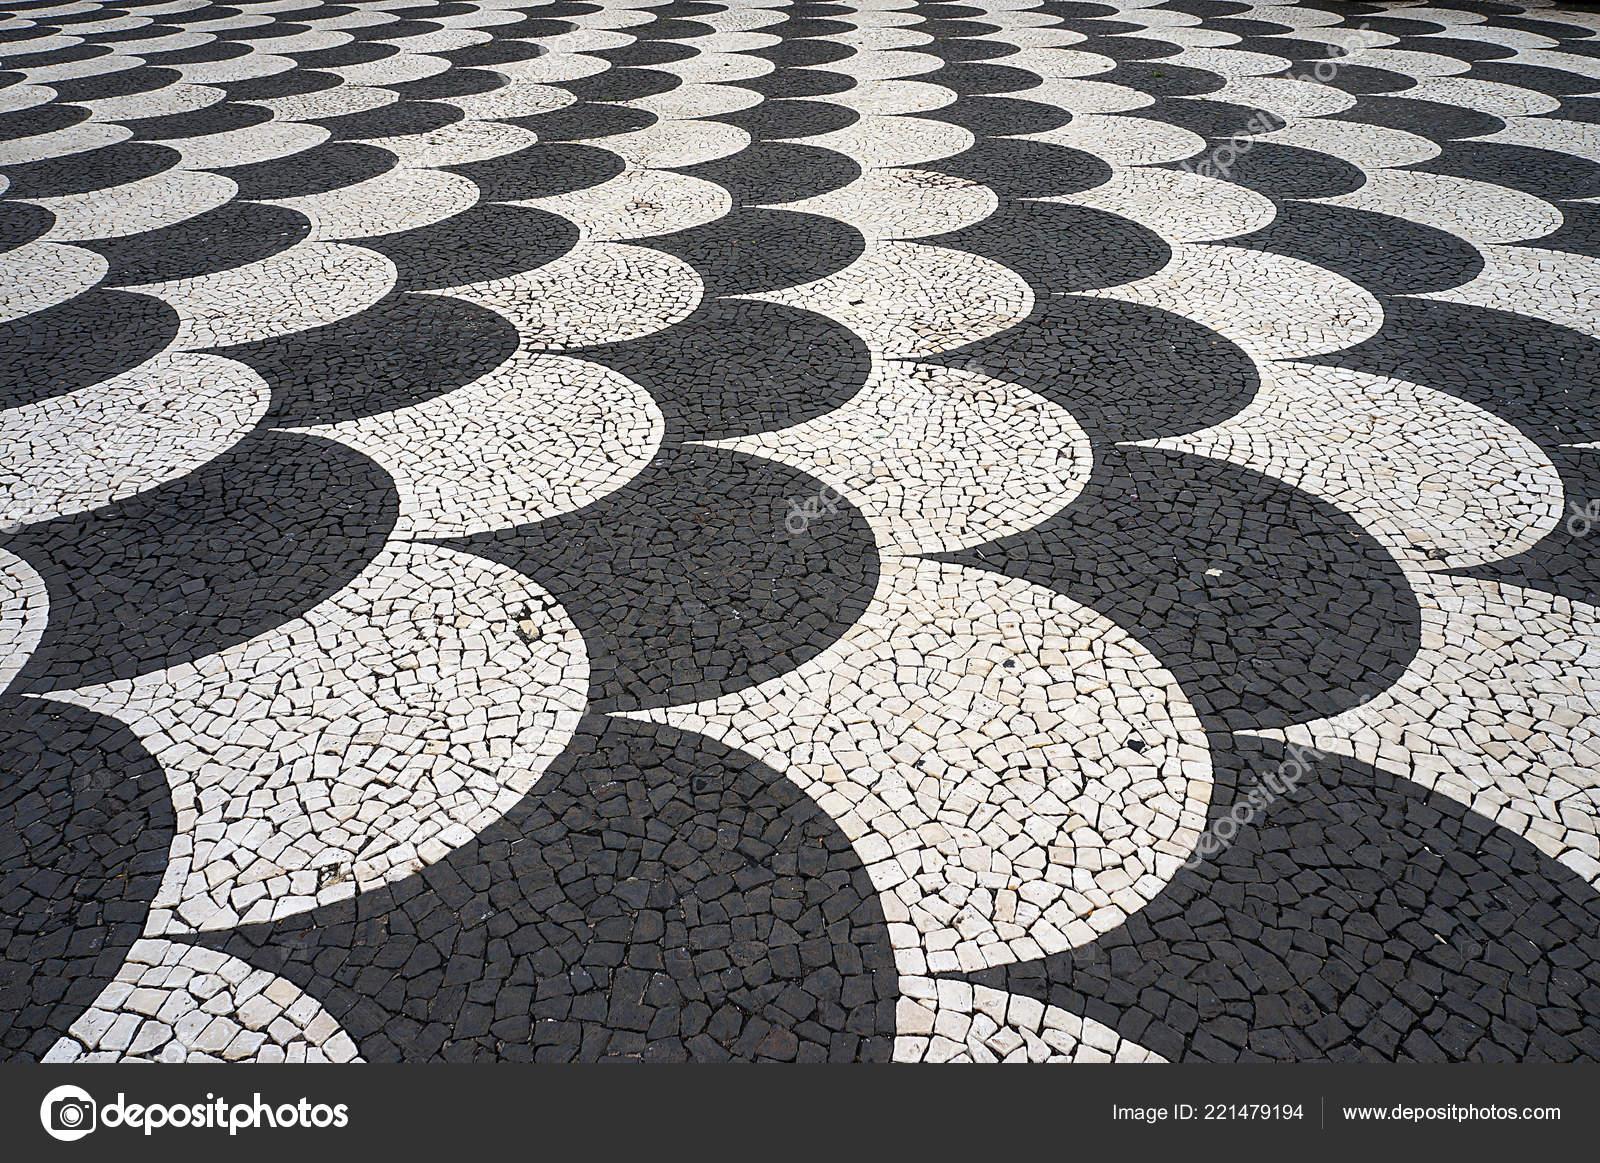 Tegels Met Patroon : Mozaïek tegels bestrating patroon straten pleinen funchal madeira